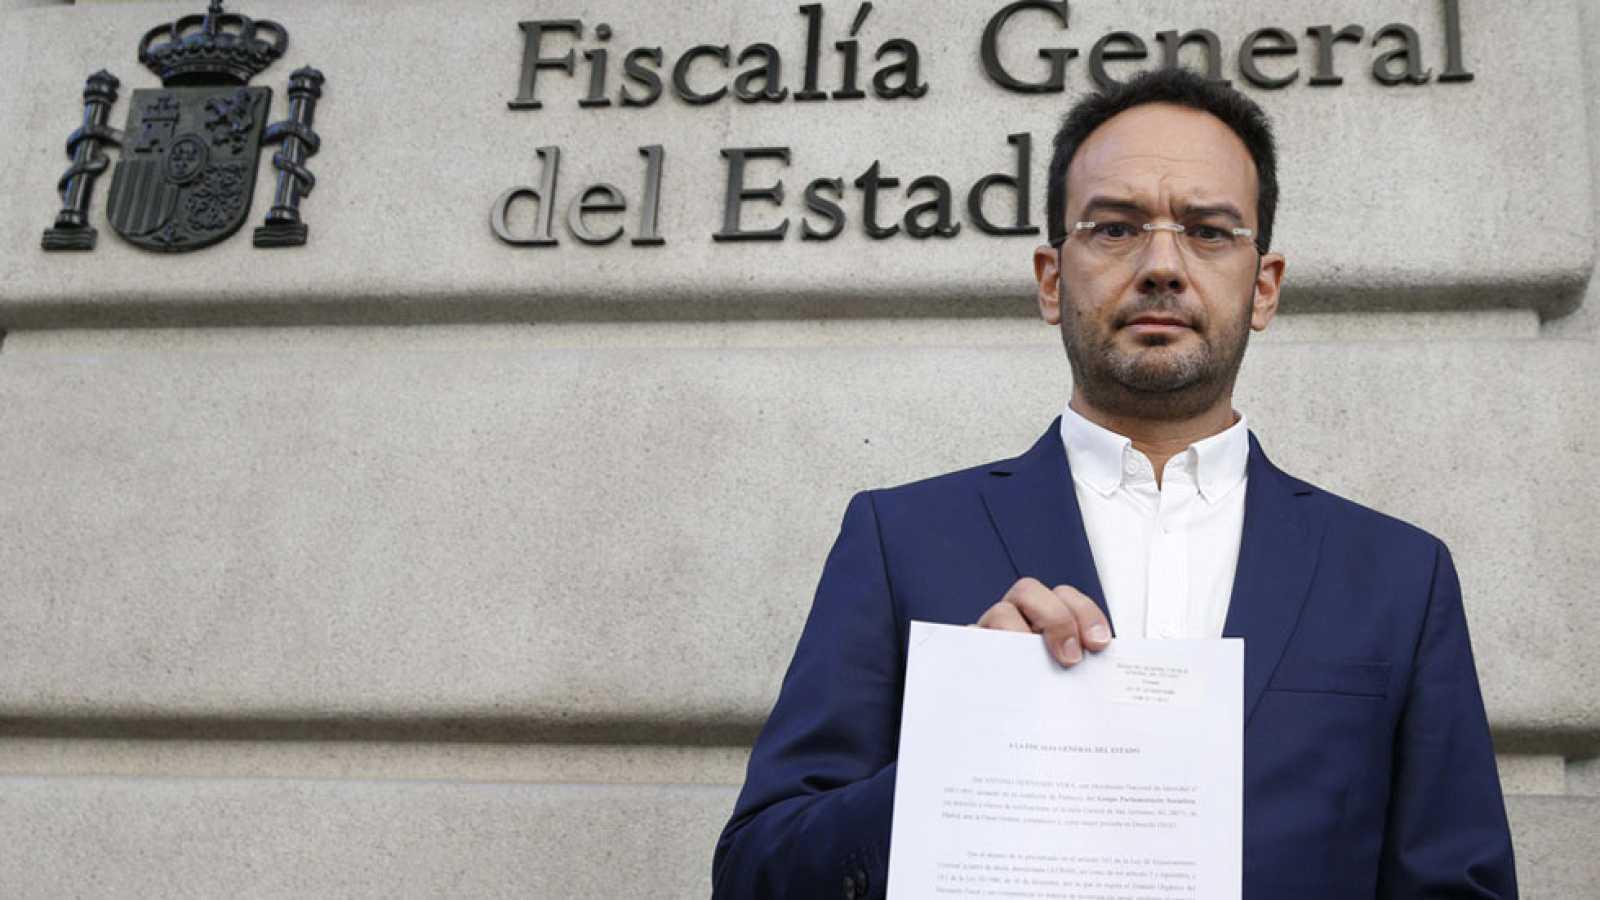 El Psoe Denuncia Al Ministro Del Interior Ante La Fiscal A